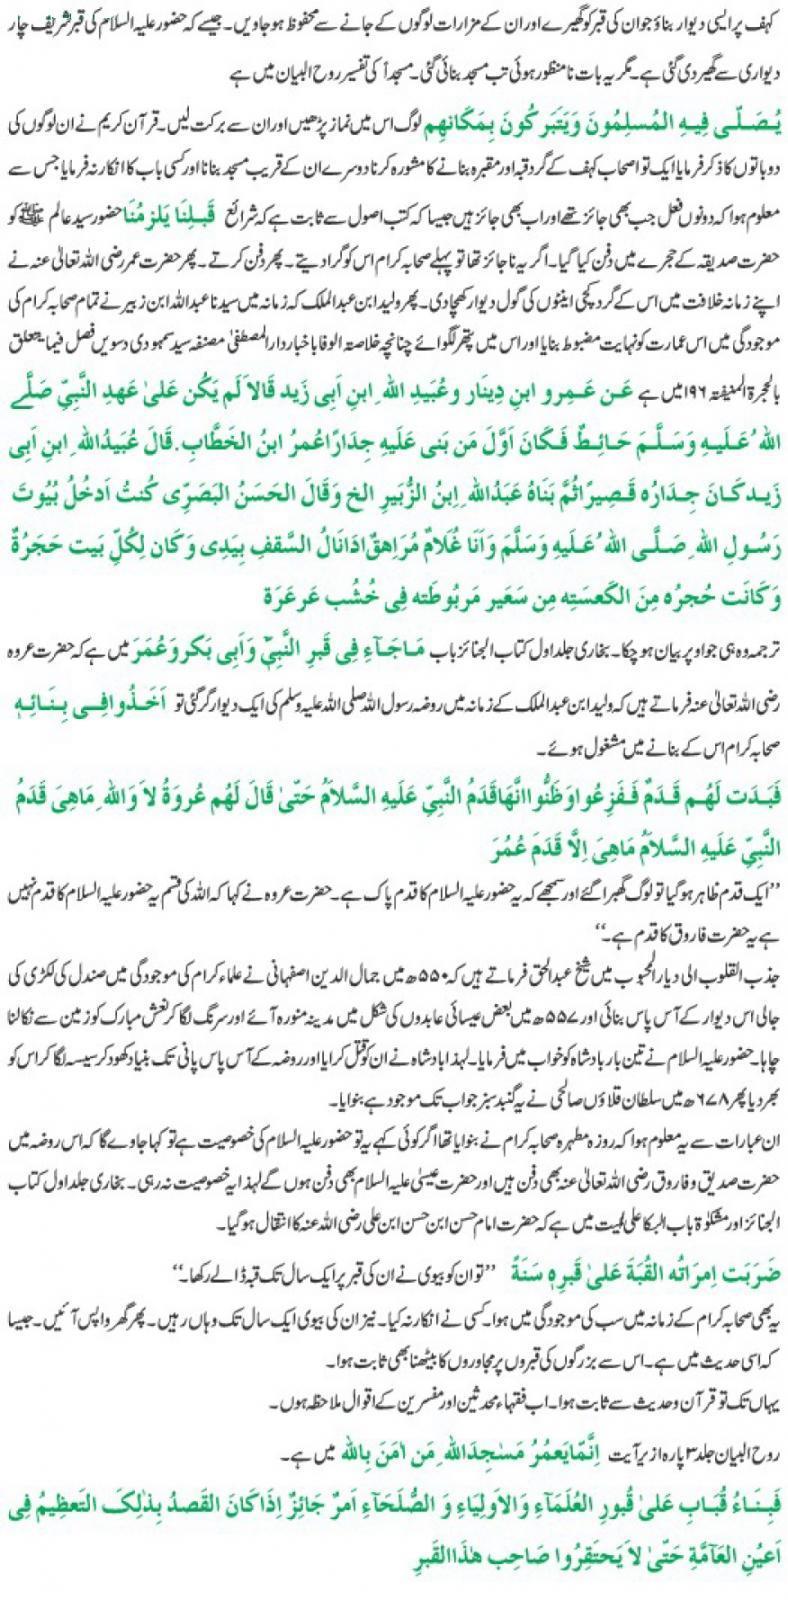 بحث مزارات اولیاء اللہ پر گنبد بنانا 149.jpg